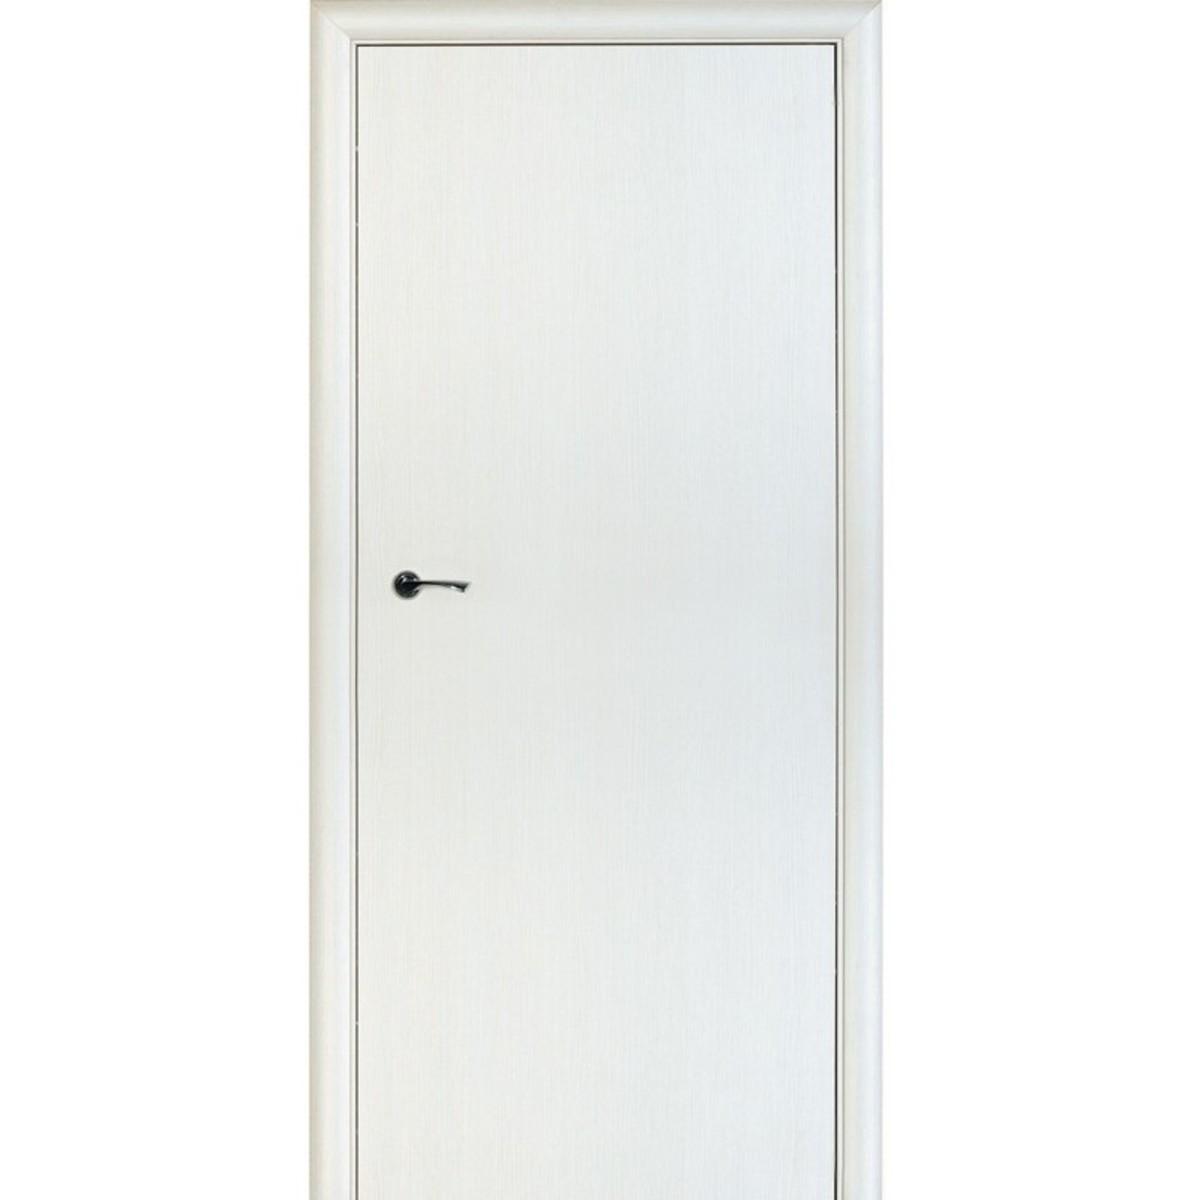 Дверь Межкомнатная Глухая Стандарт 70x200 Ламинация Цвет Бьянко 3d